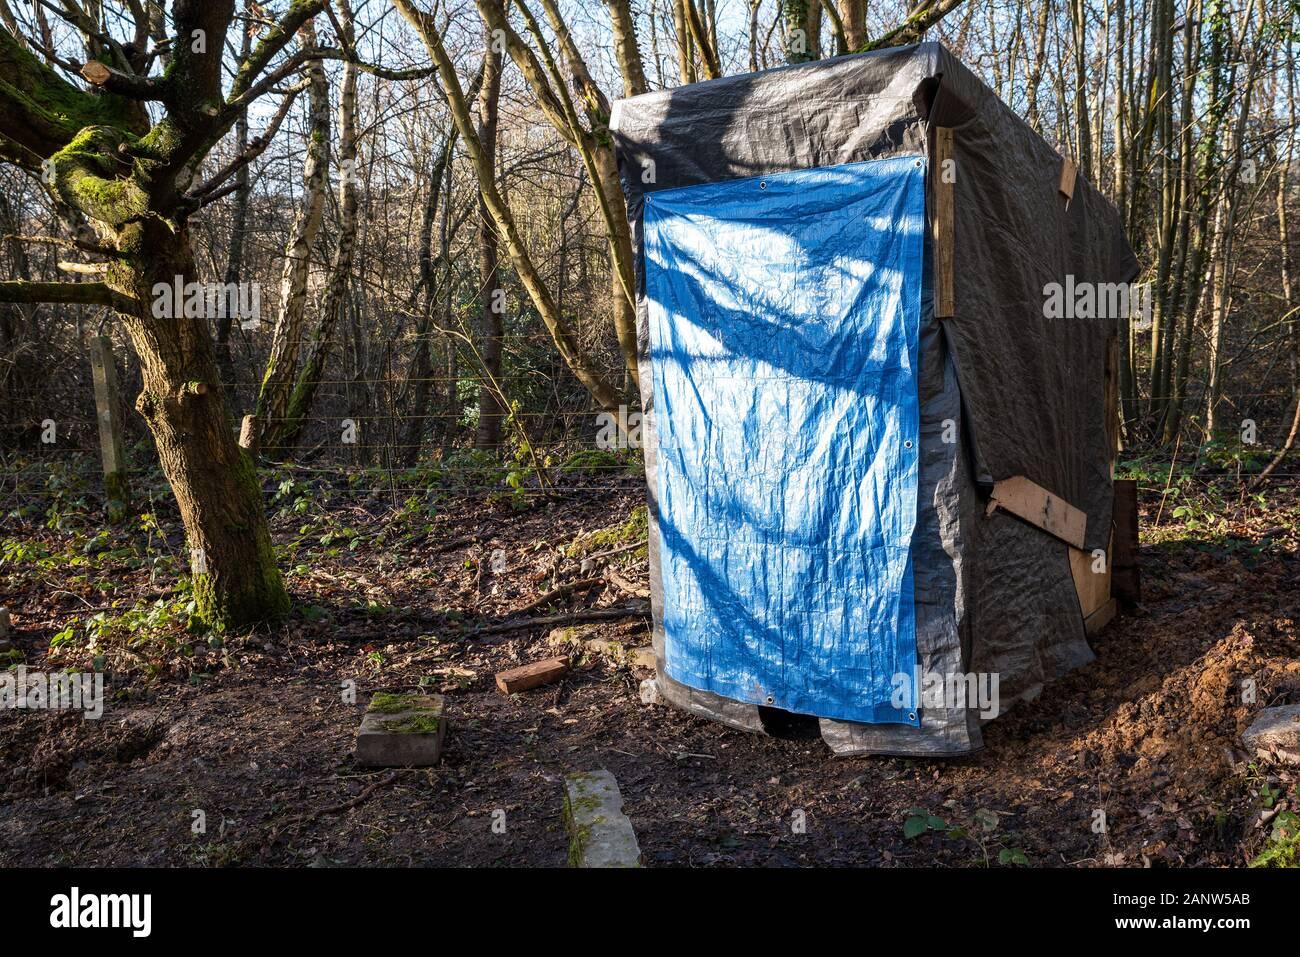 Wendover, Buckinghamshire, Großbritannien. 18. Januar 2020. Bestimmt die Befürworter der gegnerischen HS2 kürzlich gegründet die Wendover aktiven Widerstand Camp im Wald südlich von Wendover neben dem der A413. Das Lager ist auf dem Weg der vorgeschlagenen HS2 rail line, wo es die A413 Kreuz wäre. Die Wendover aktiven Widerstand Camp wollen Ihre Website so lange wie möglich zu besetzen, gegen den Bau der HS2 rail line. Das Camp war gut organisiert mit Zelten, Lagerfeuer für das Kochen, und hier dargestellt ein Klo. Credit: Stephen Bell/Alamy Stockfoto